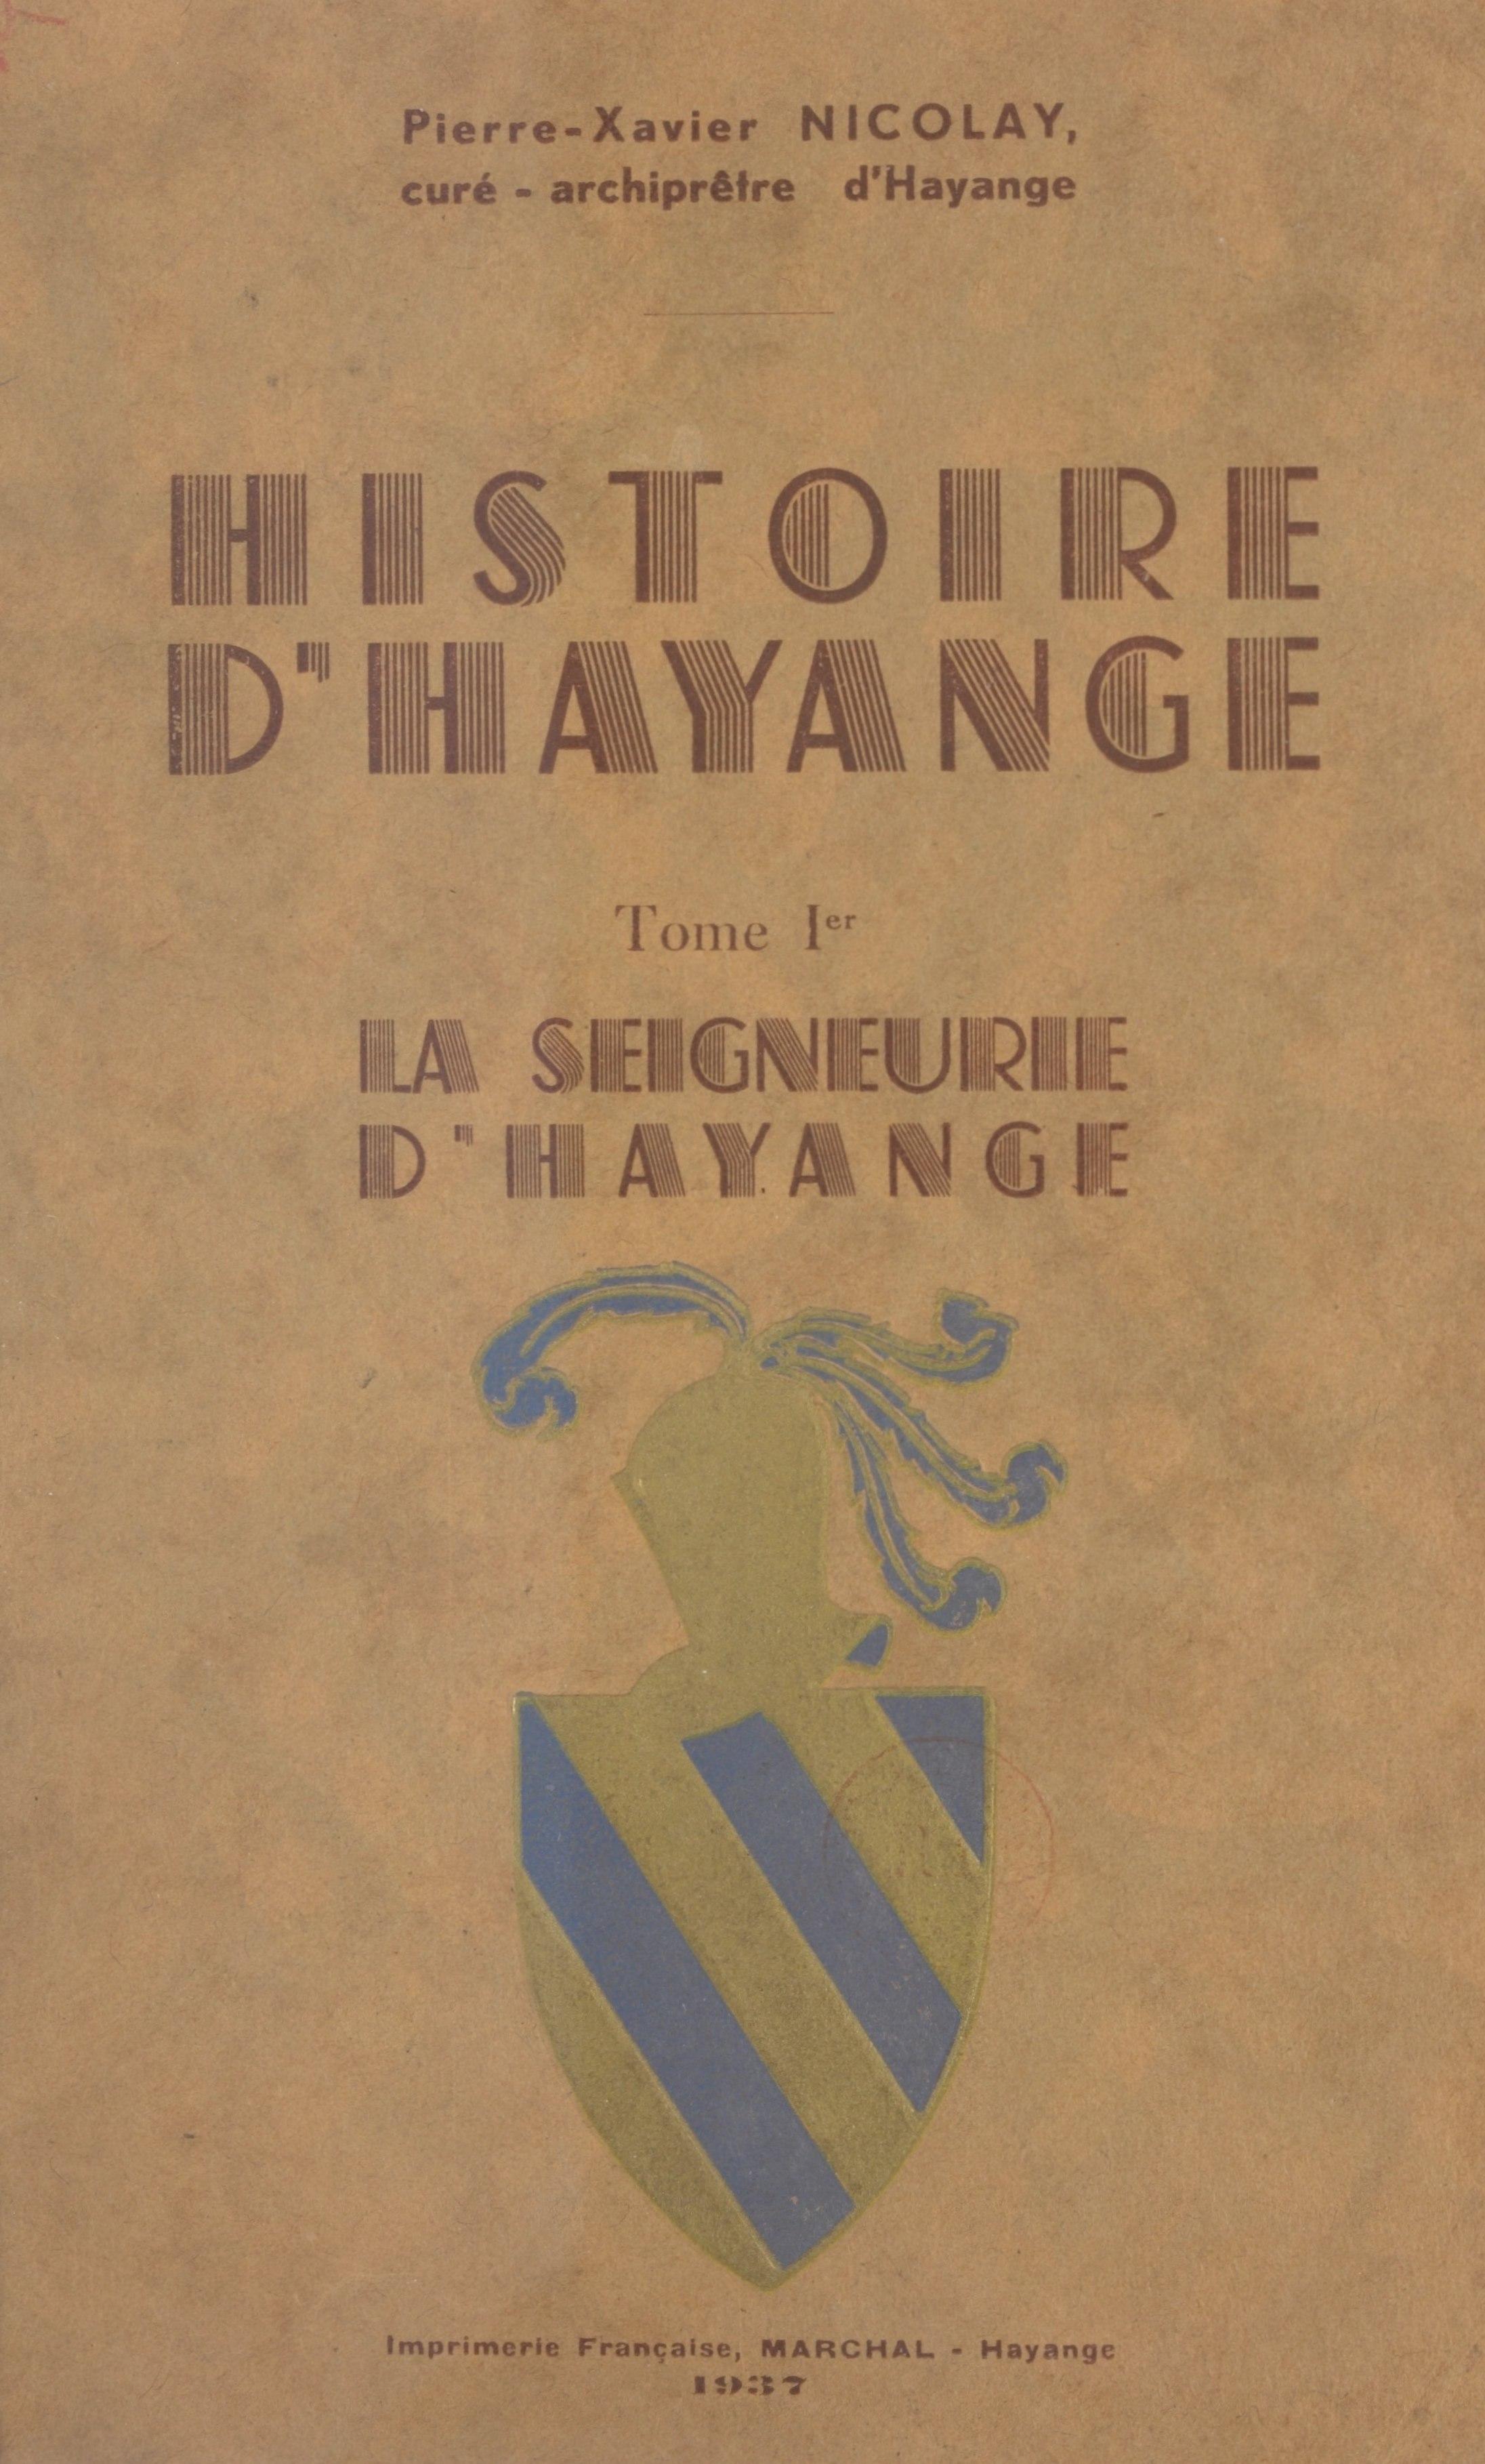 Histoire d'Hayange (1), LA SEIGNEURIE D'HAYANGE DANS LE CADRE DE L'HISTOIRE RÉGIONALE